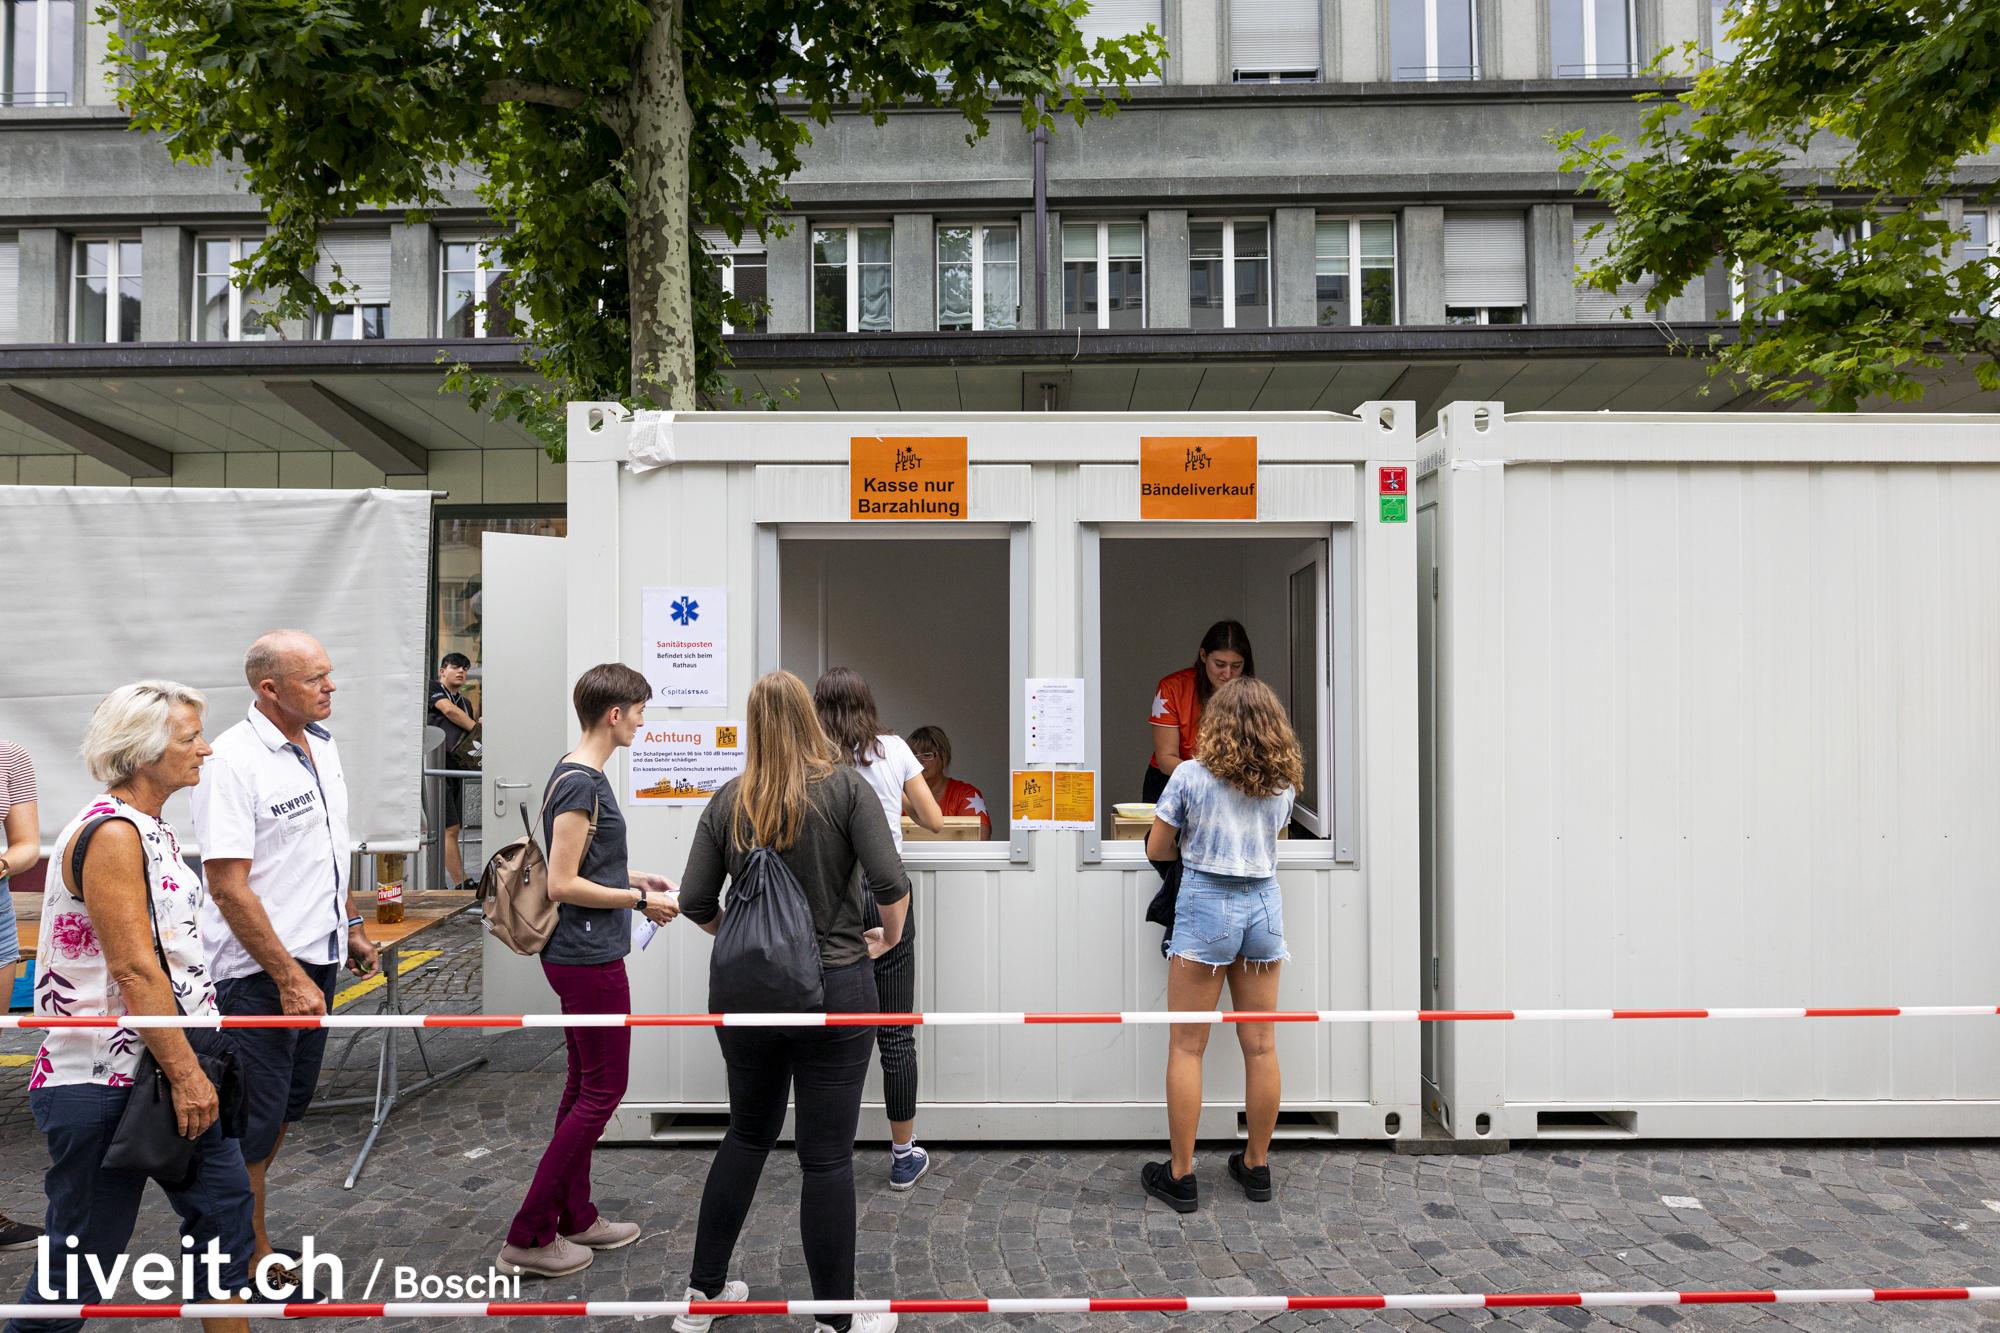 Impressionen am Thunfest 2019 (liveit.ch/boschi)